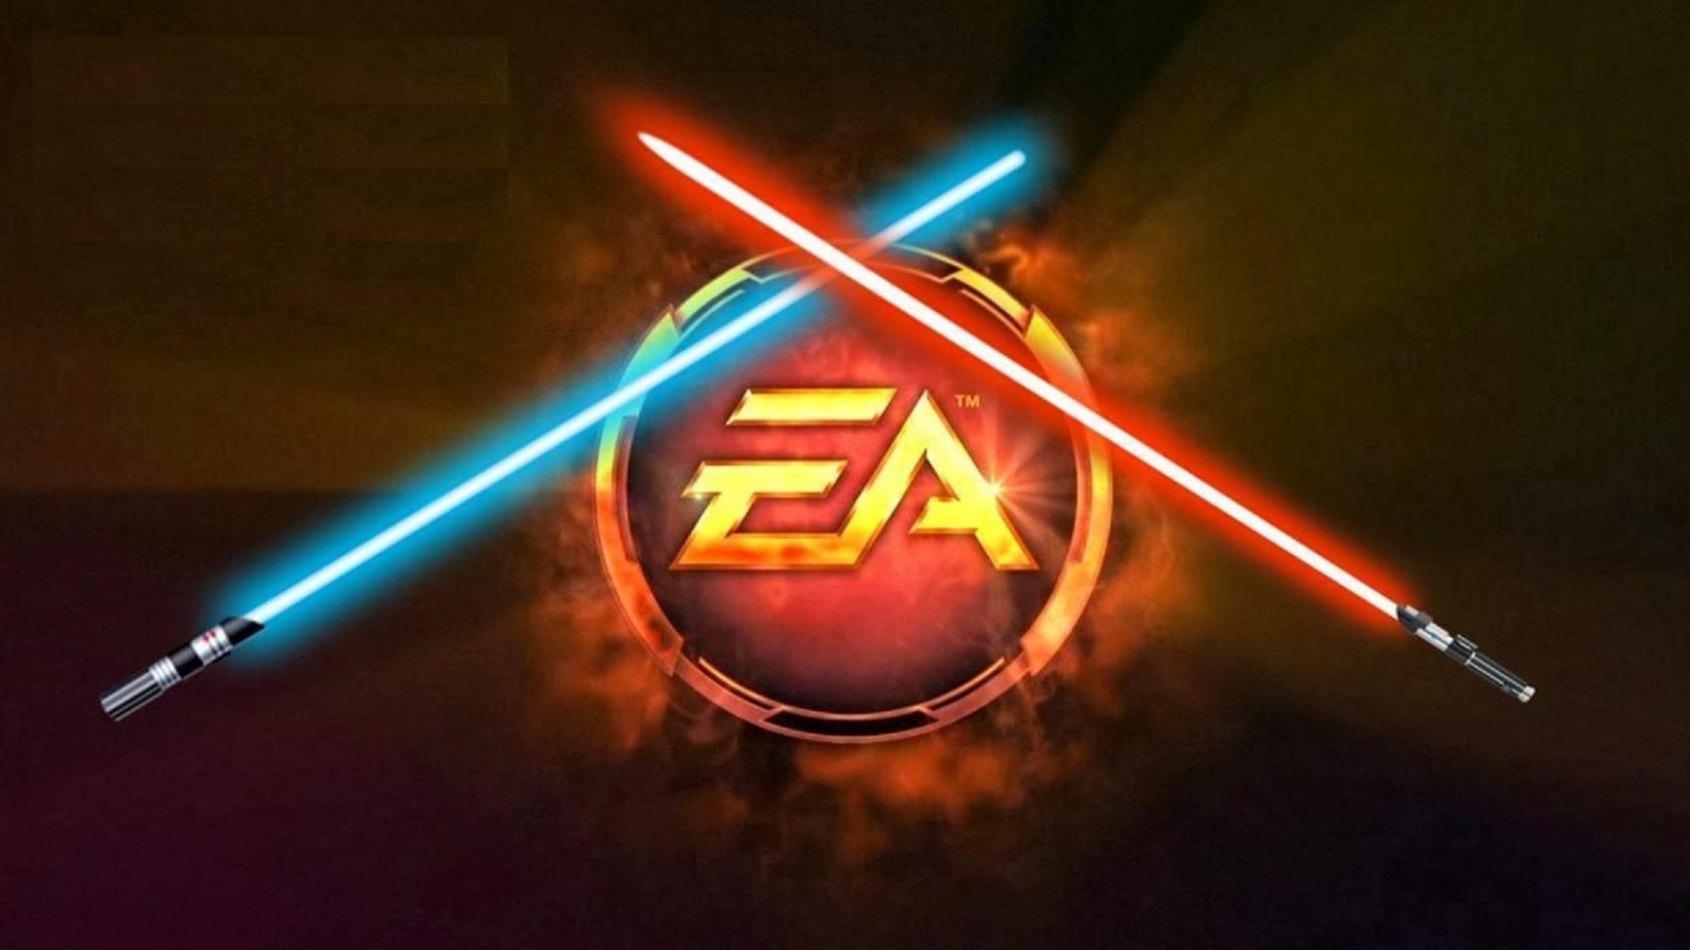 Un nouveau jeu Star Wars se pr�pare avec EA Games